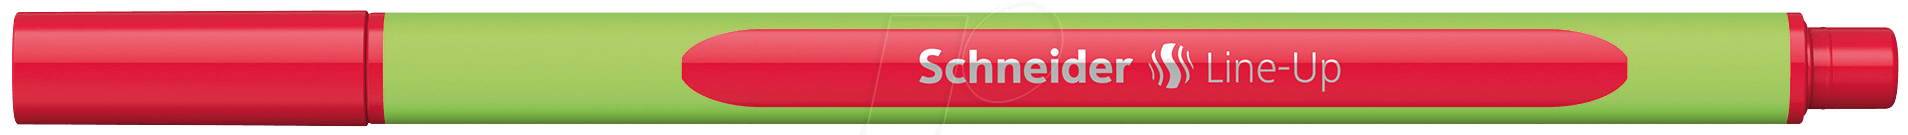 https://cdn-reichelt.de/bilder/web/xxl_ws/F100/191002_1.png